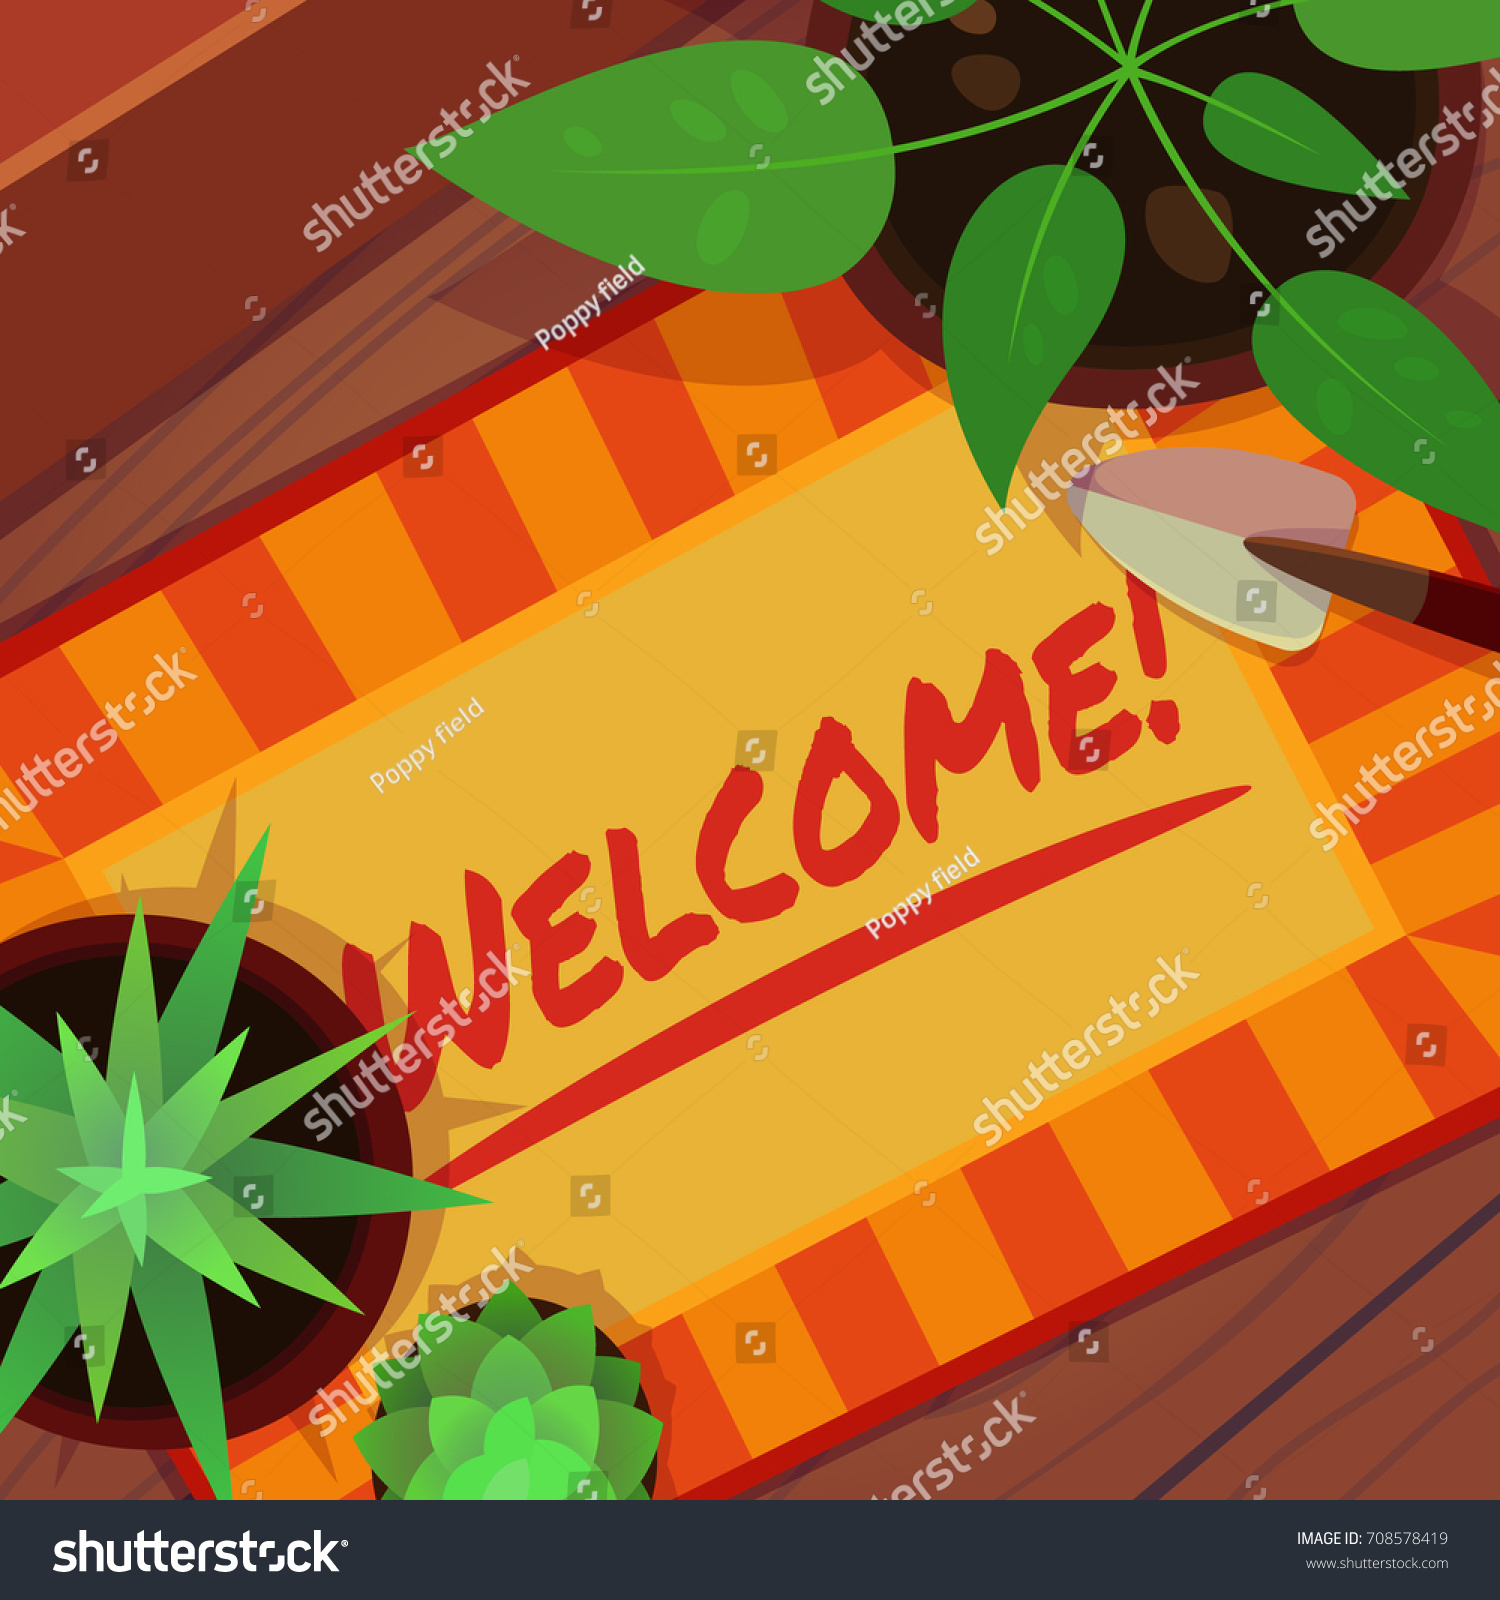 Cartoon style vector brown rug plants stock vector 708578419 cartoon style vector brown rug with plants on wooden floor home house door kristyandbryce Images